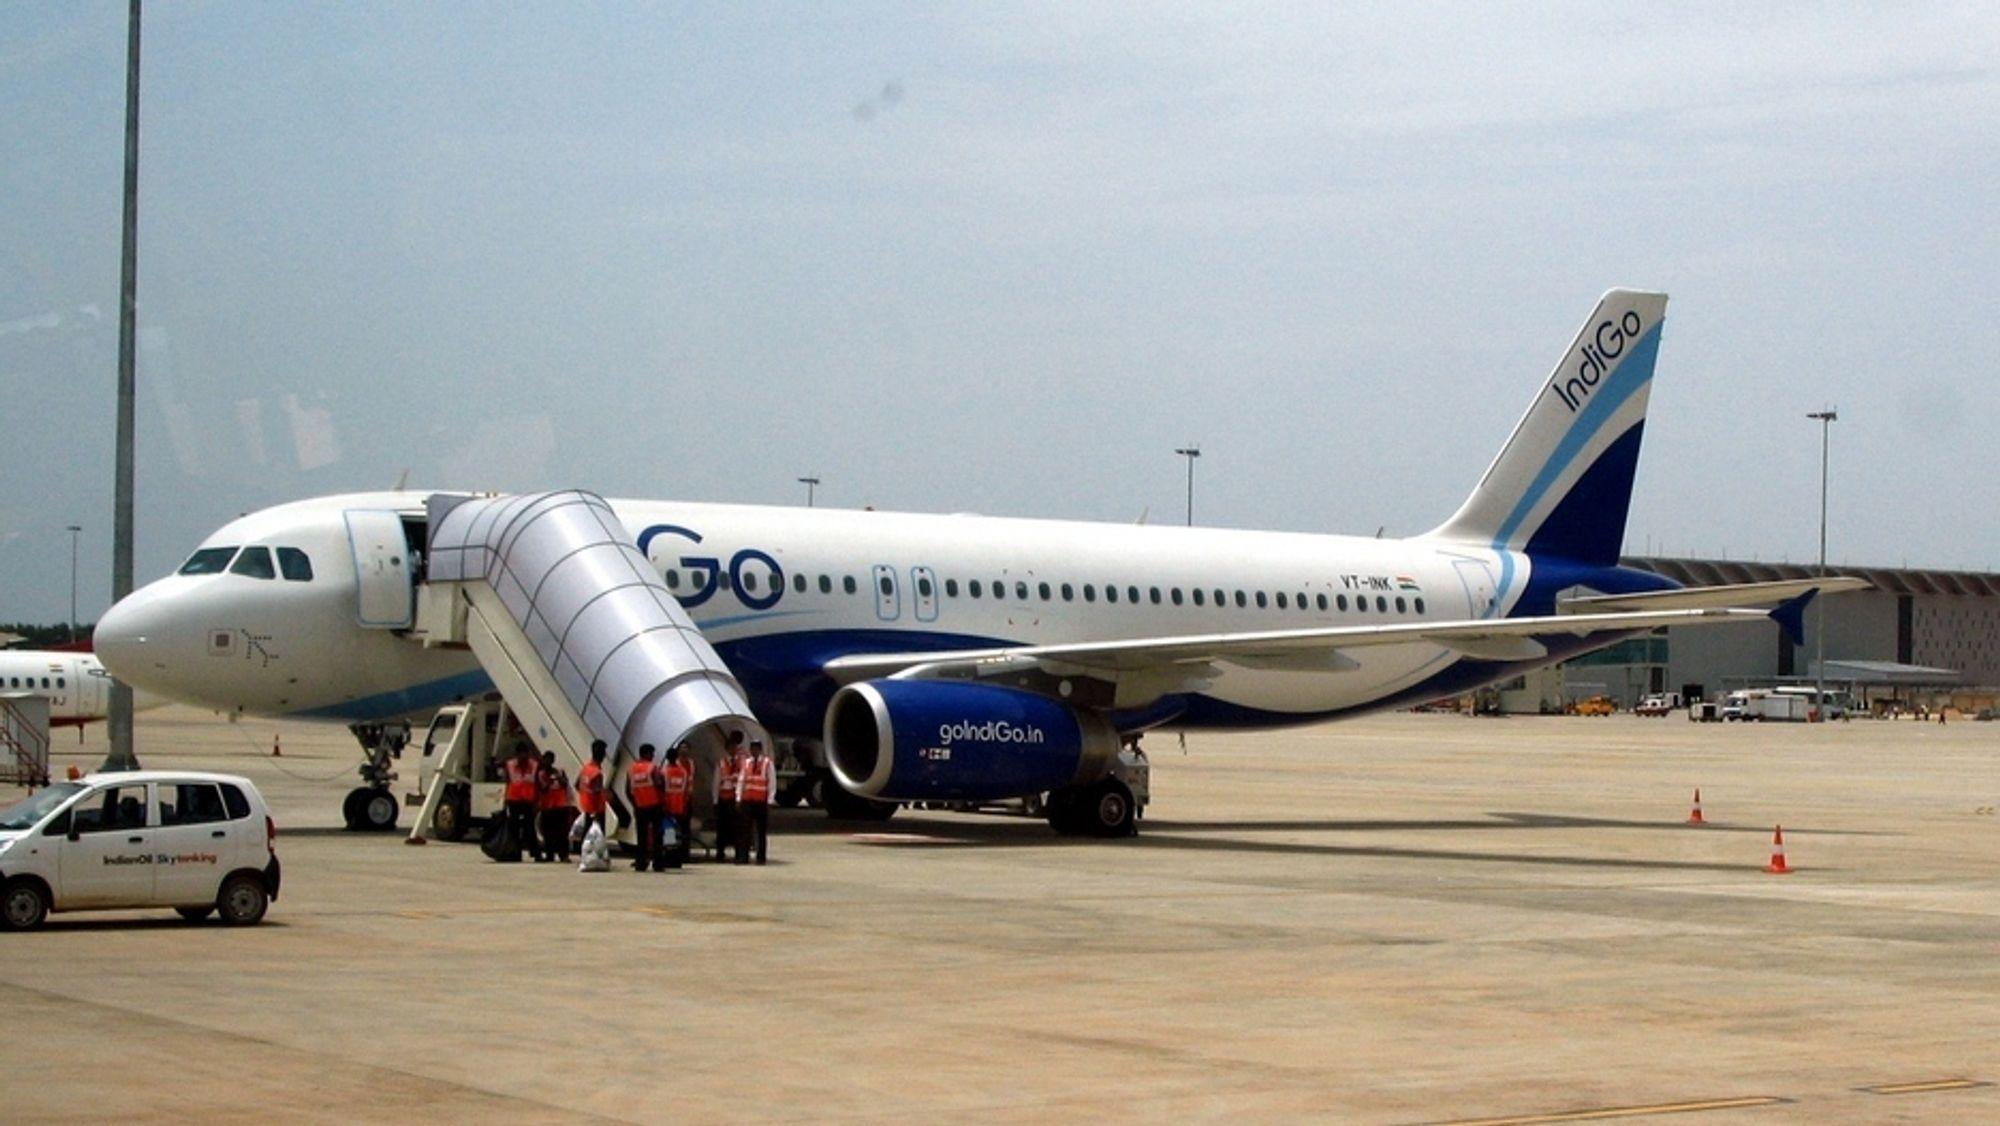 Et Airbus A320-fly på den internasjonale lufthavnen i Bangalore. IndiGo er i ferd med å få levert de 100 A320-maskinene de bestilte for 5,5 år siden, og har nå lagt inn en bestilling på 180 fly til.